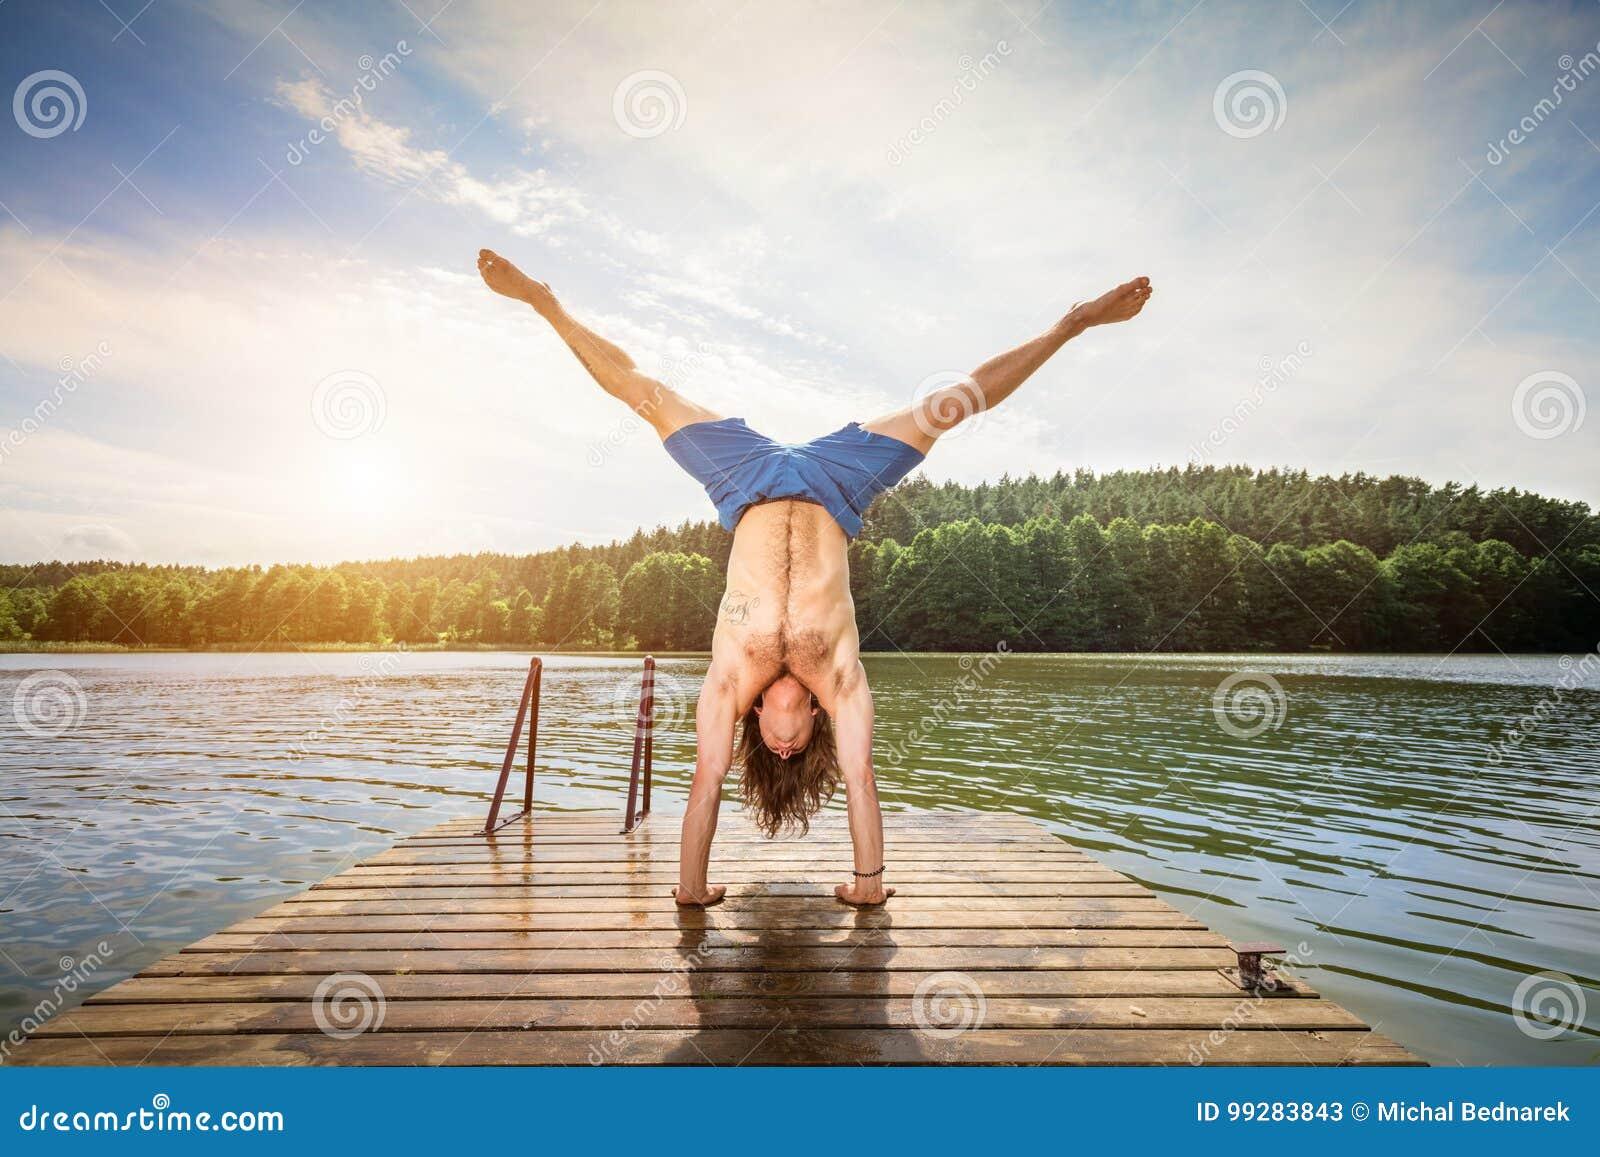 Jeune homme faisant un appui renversé sur une jetée en bois